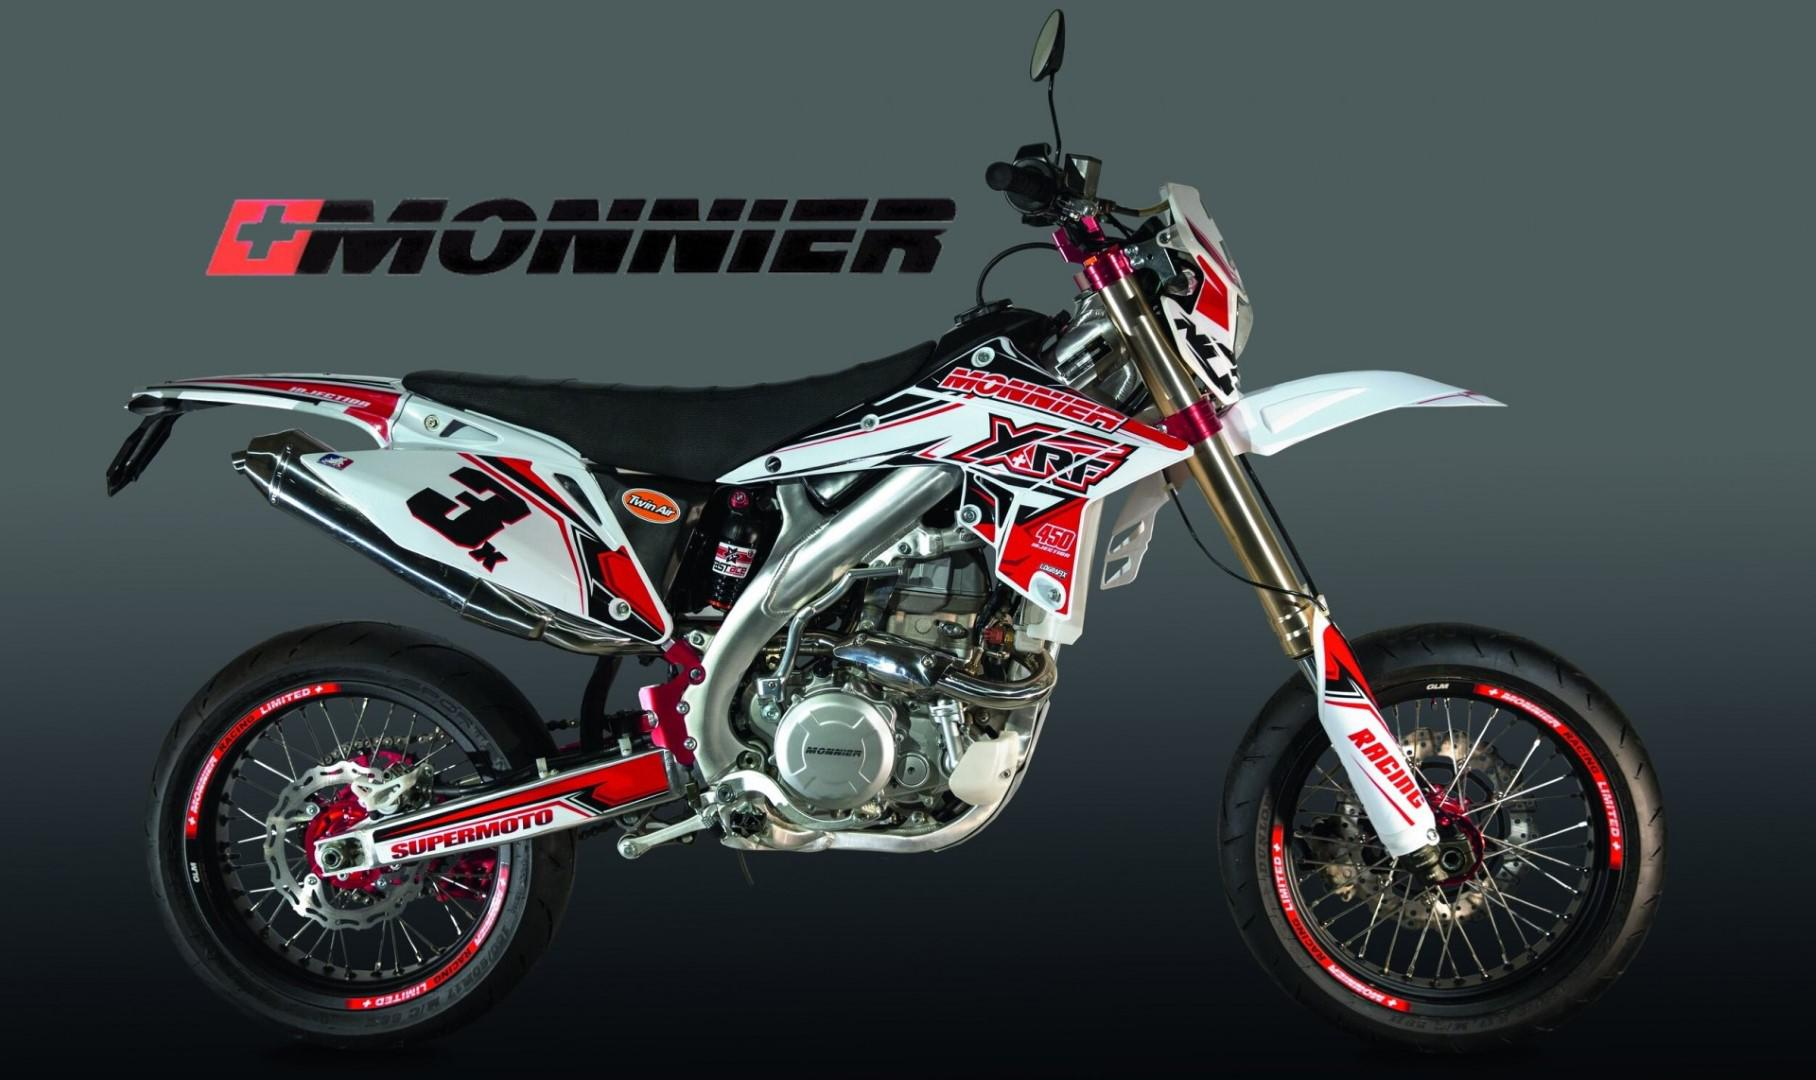 Connaissez-vous cette marque de motos ?